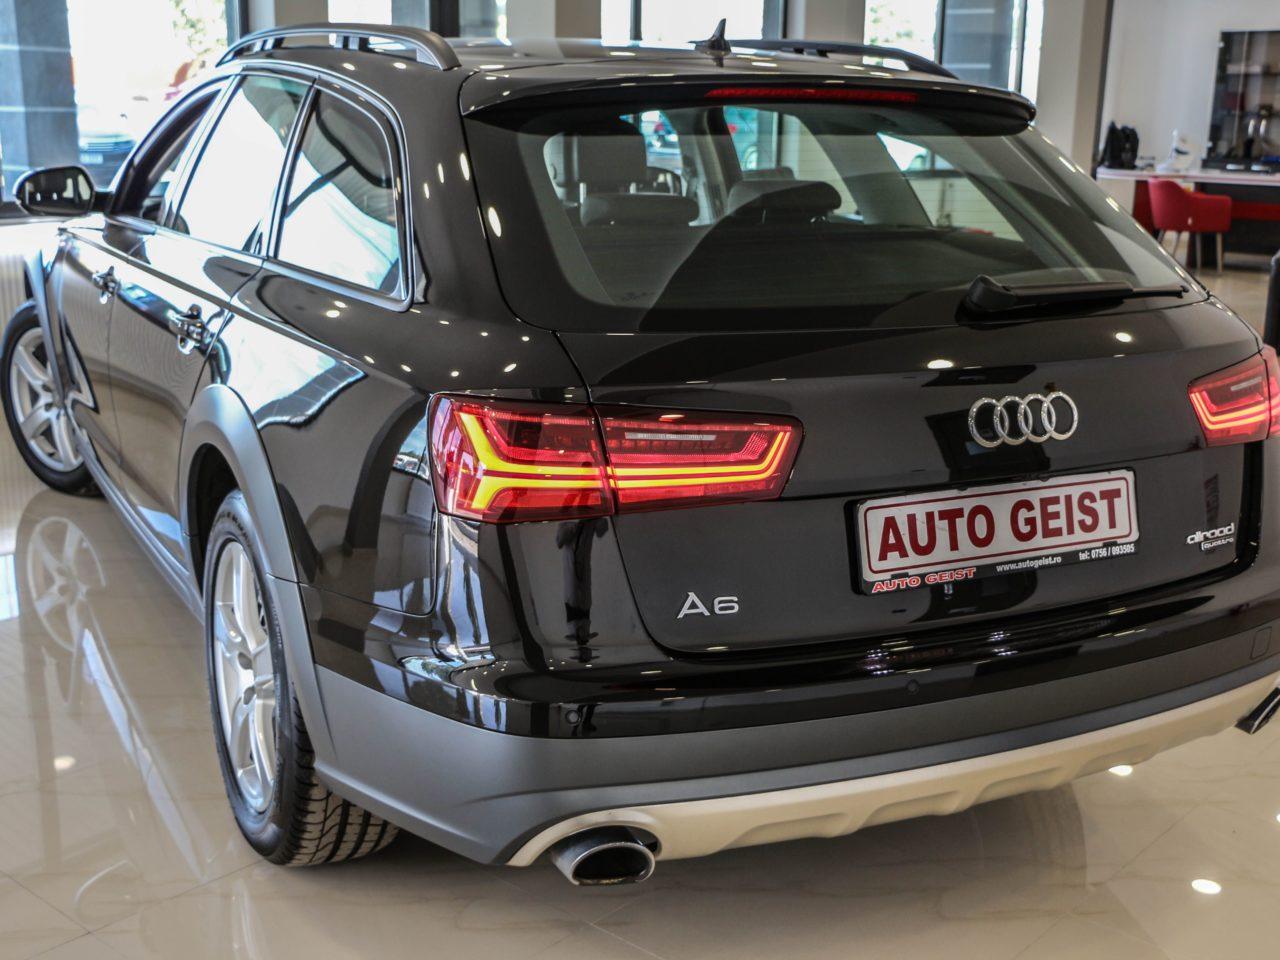 Audi A6 Allroad (3)